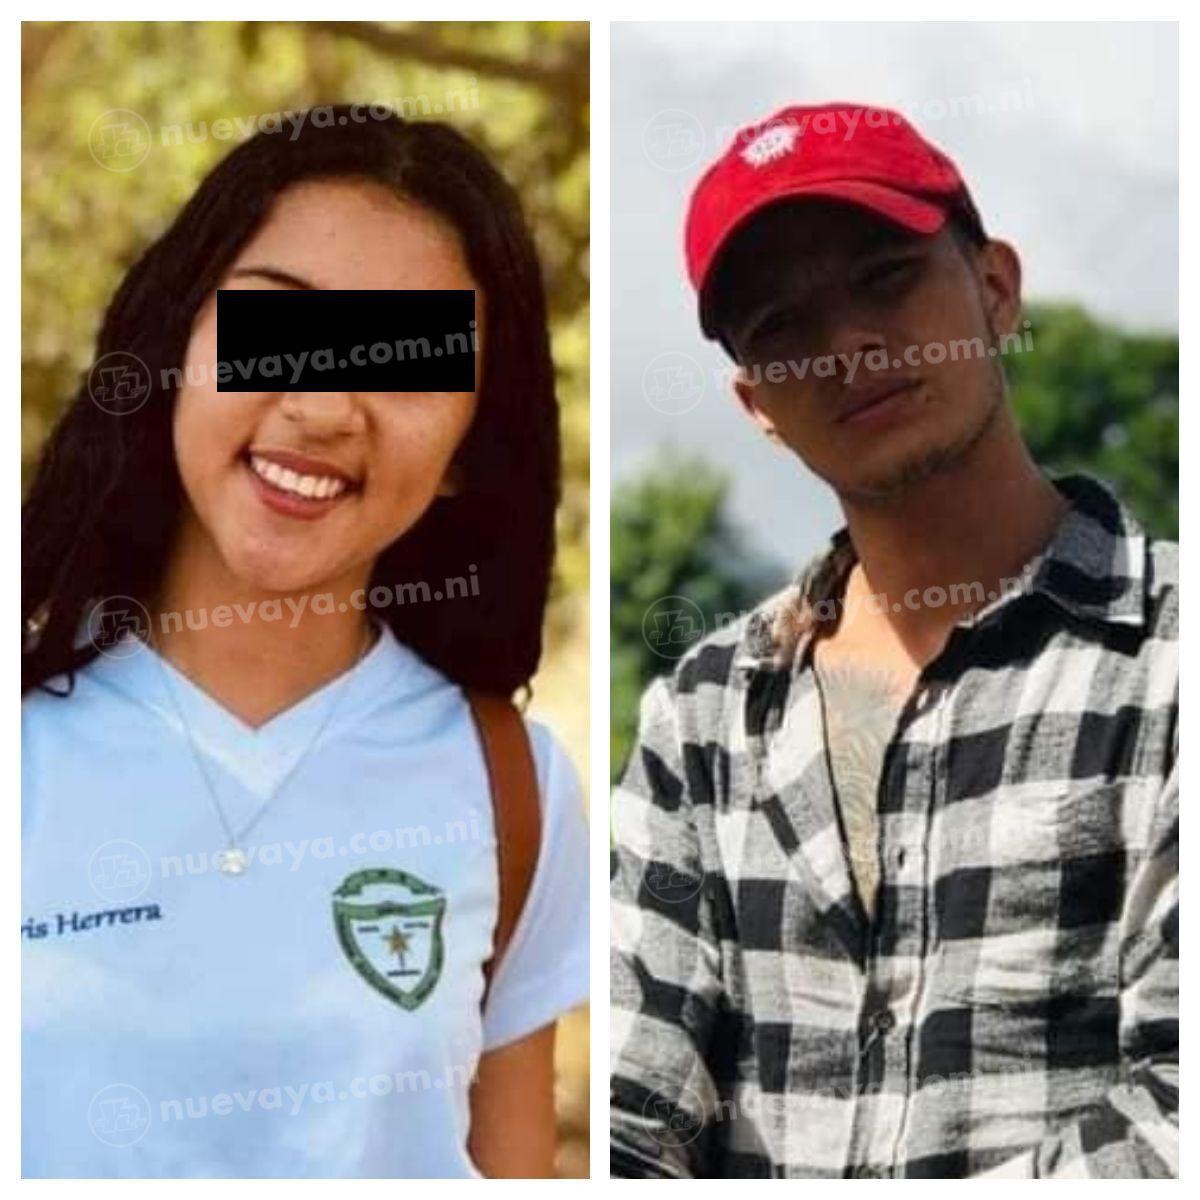 Iris Jael Herrera (15) fue asesinada por su novio Oscar Octavio Cornejo Blandón (25) en Nicaragua.